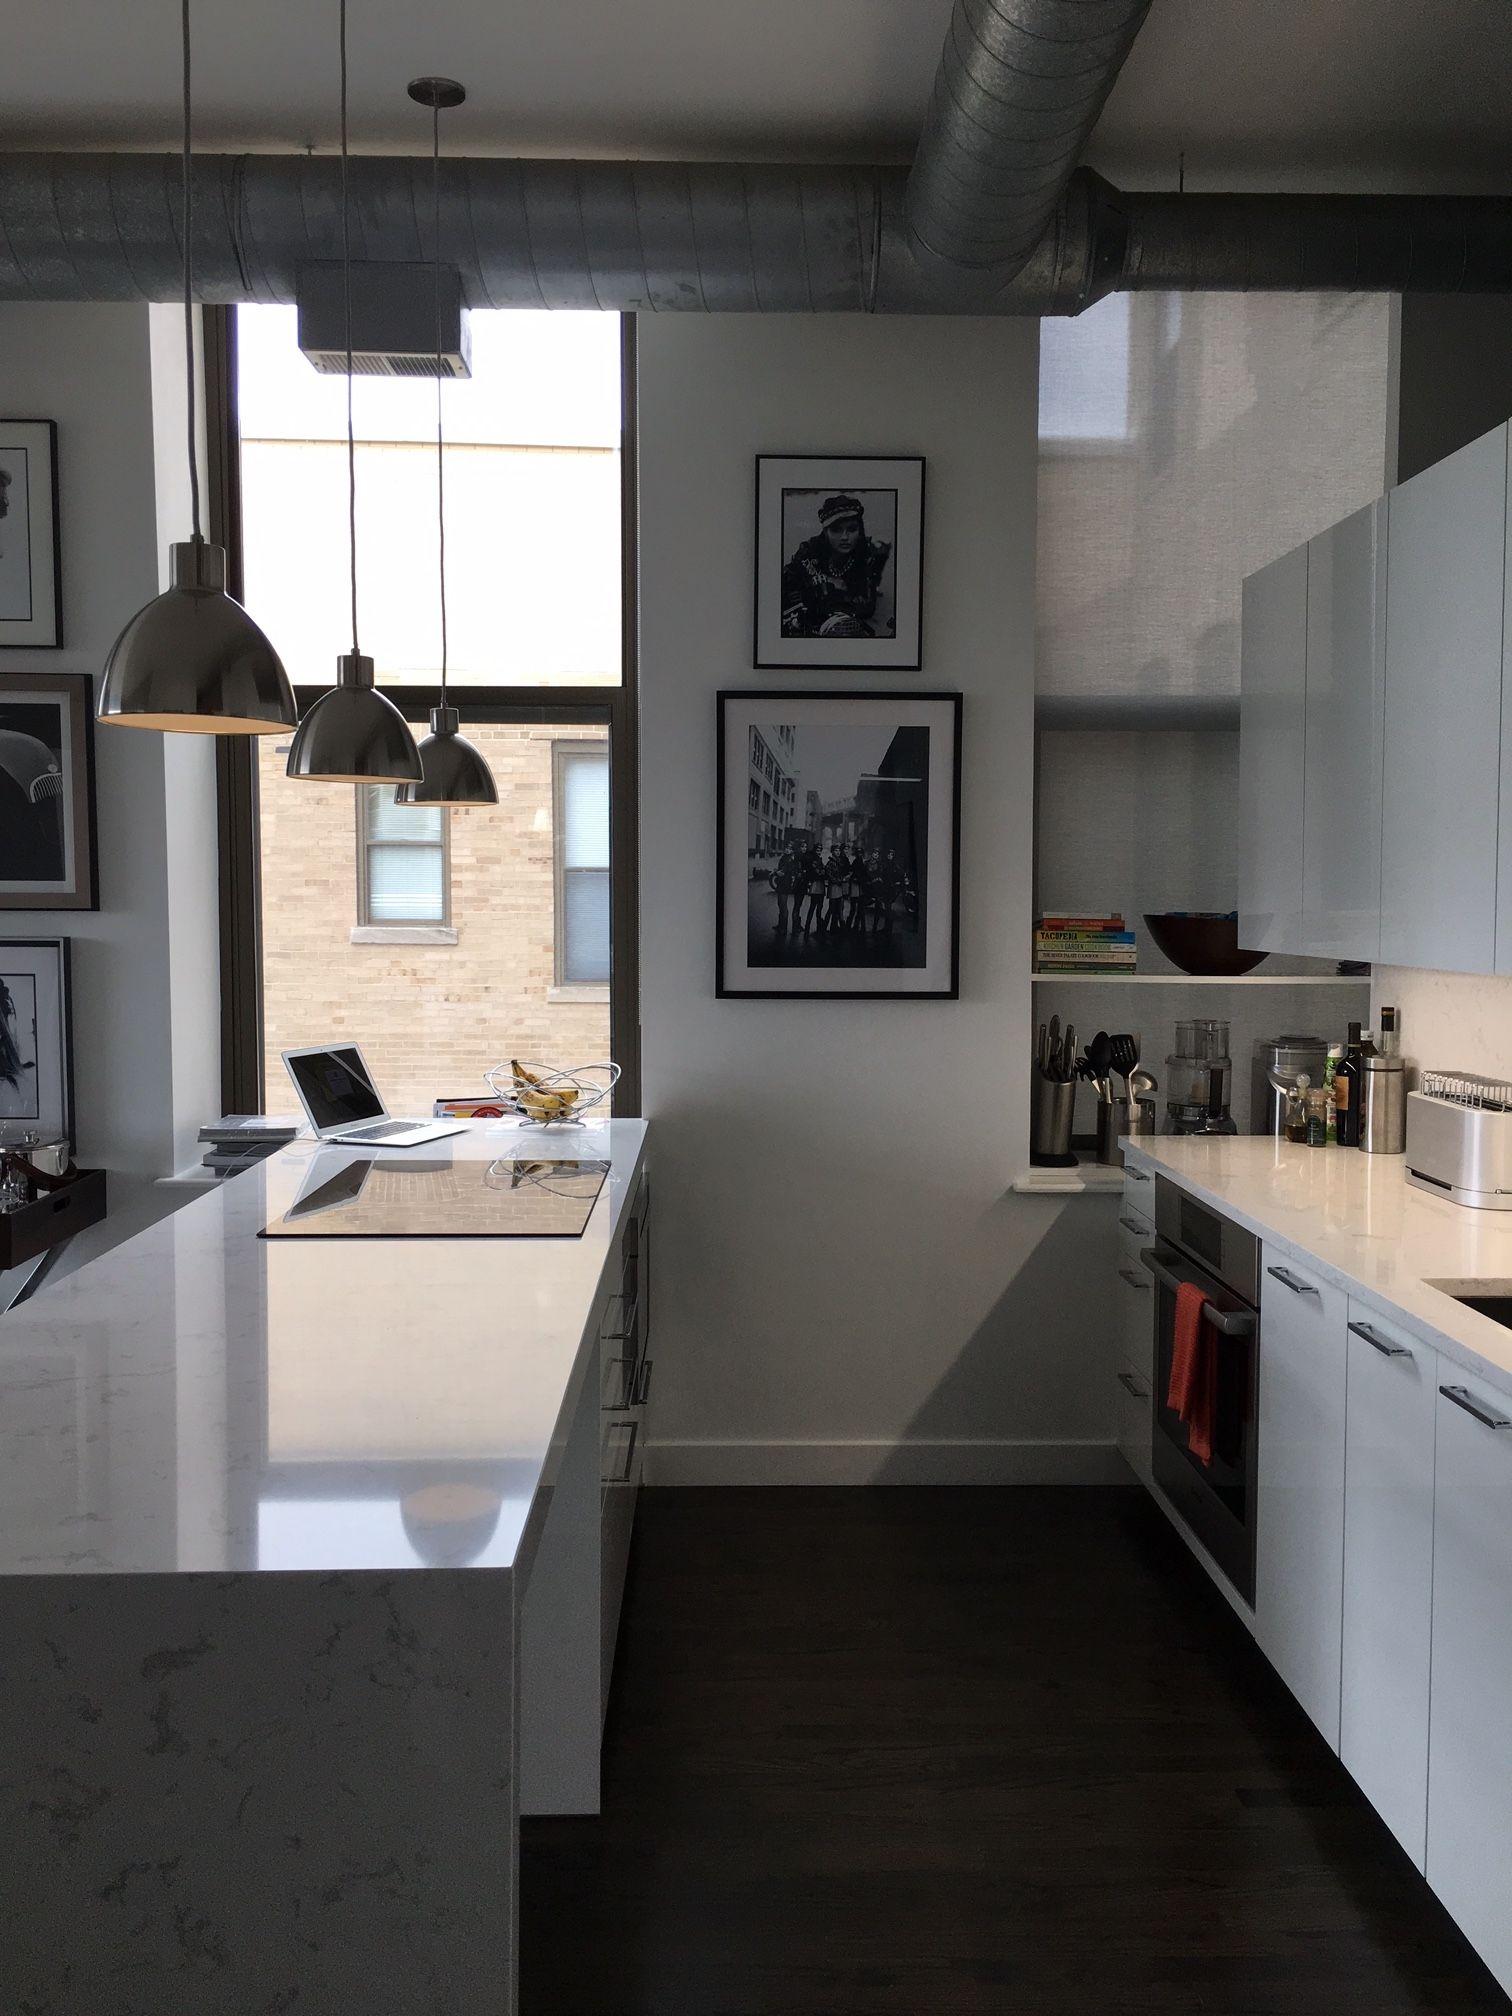 Ziemlich Chicago Küche Und Bad Sedgwick Ideen - Küchenschrank Ideen ...